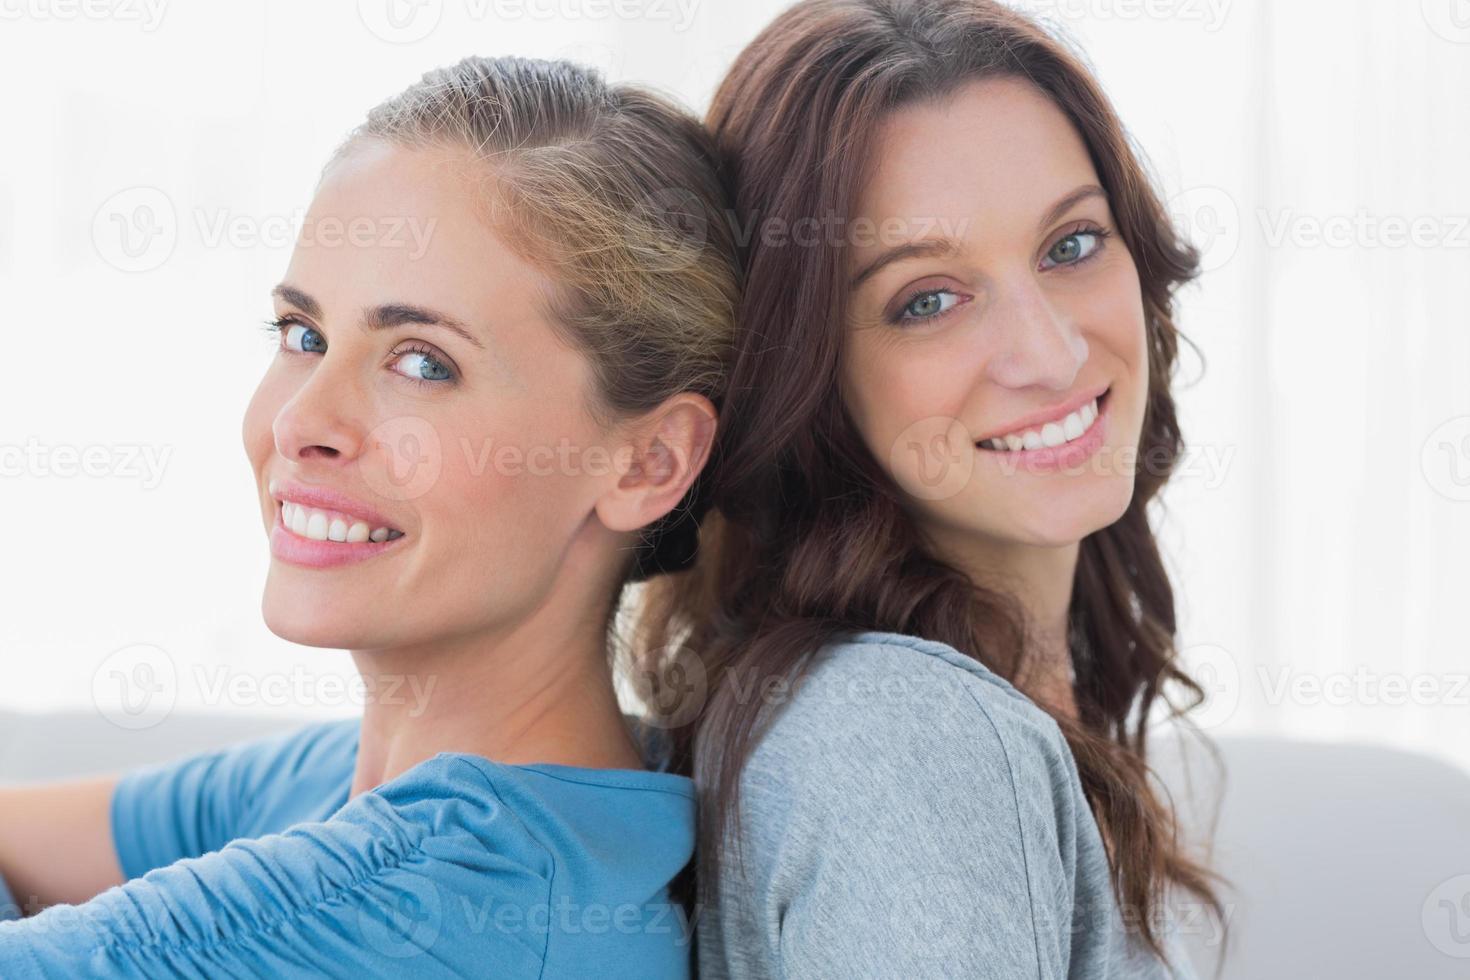 glada kvinnor som ler sig tillbaka foto